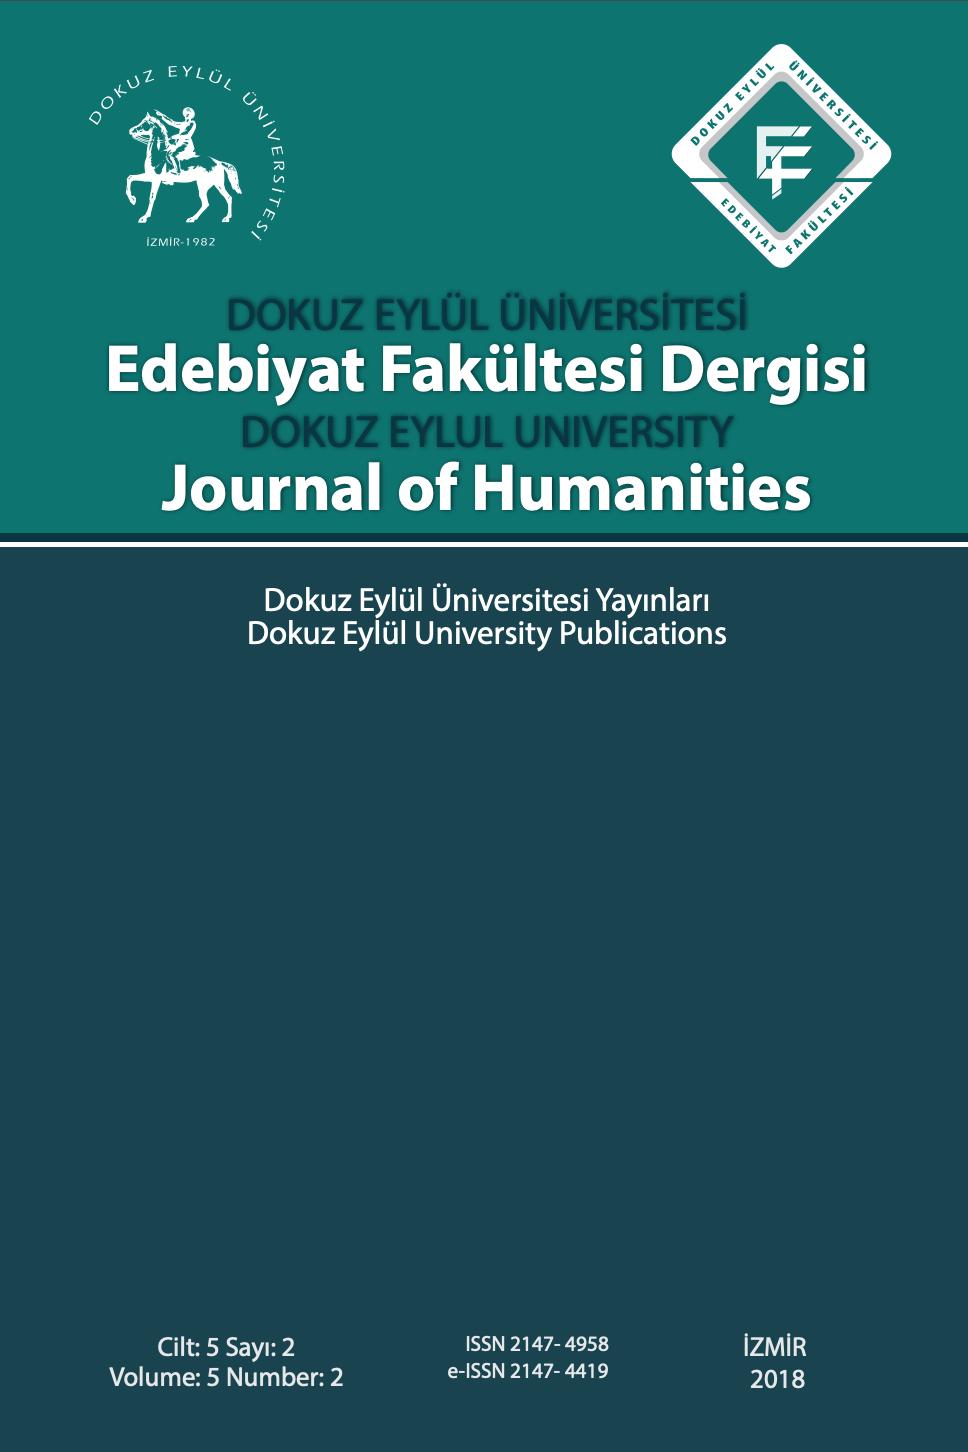 Dokuz Eylül Üniversitesi Edebiyat Fakültesi Dergisi